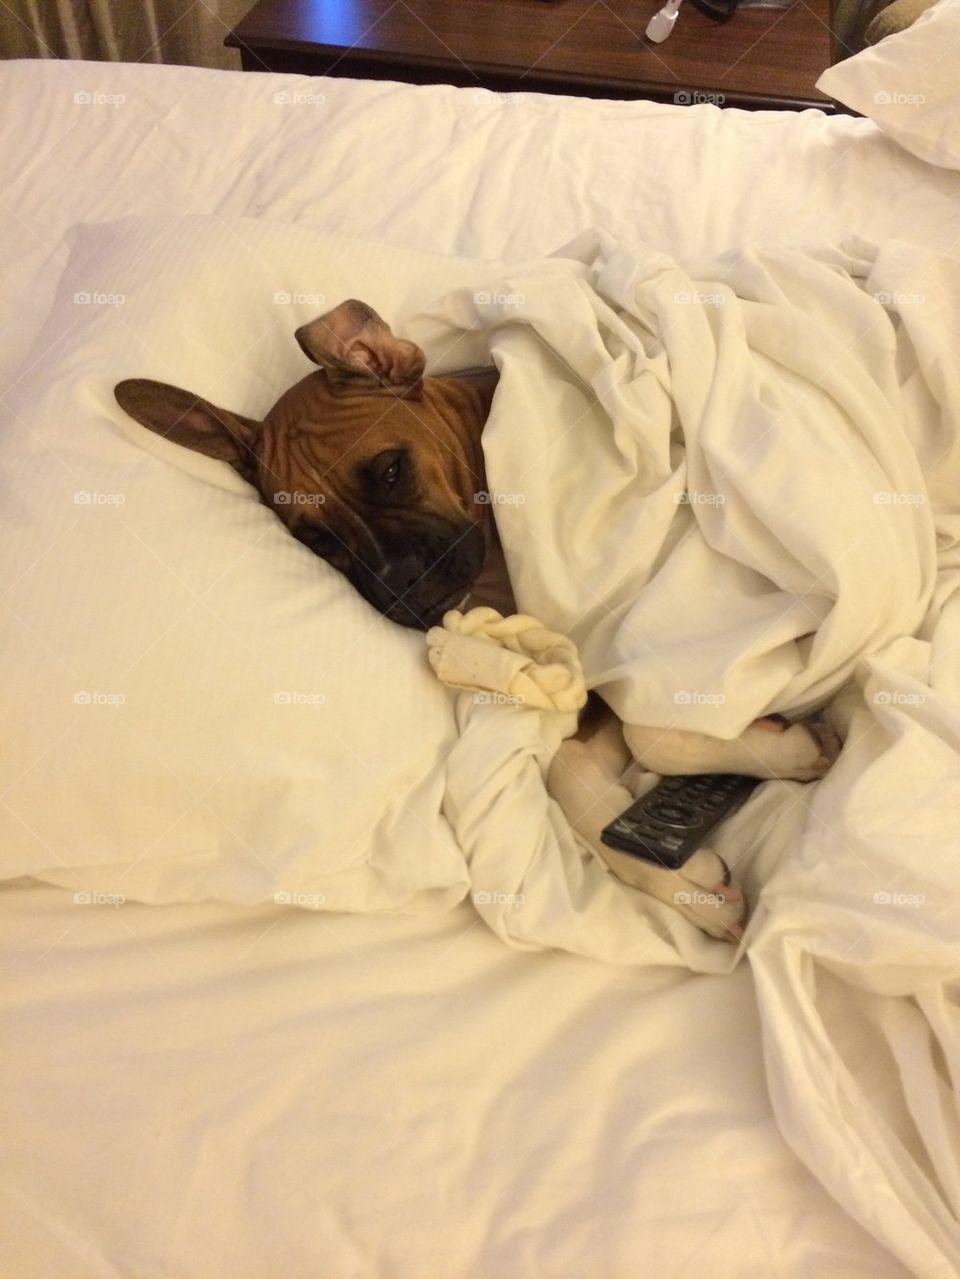 Dog lying on bed